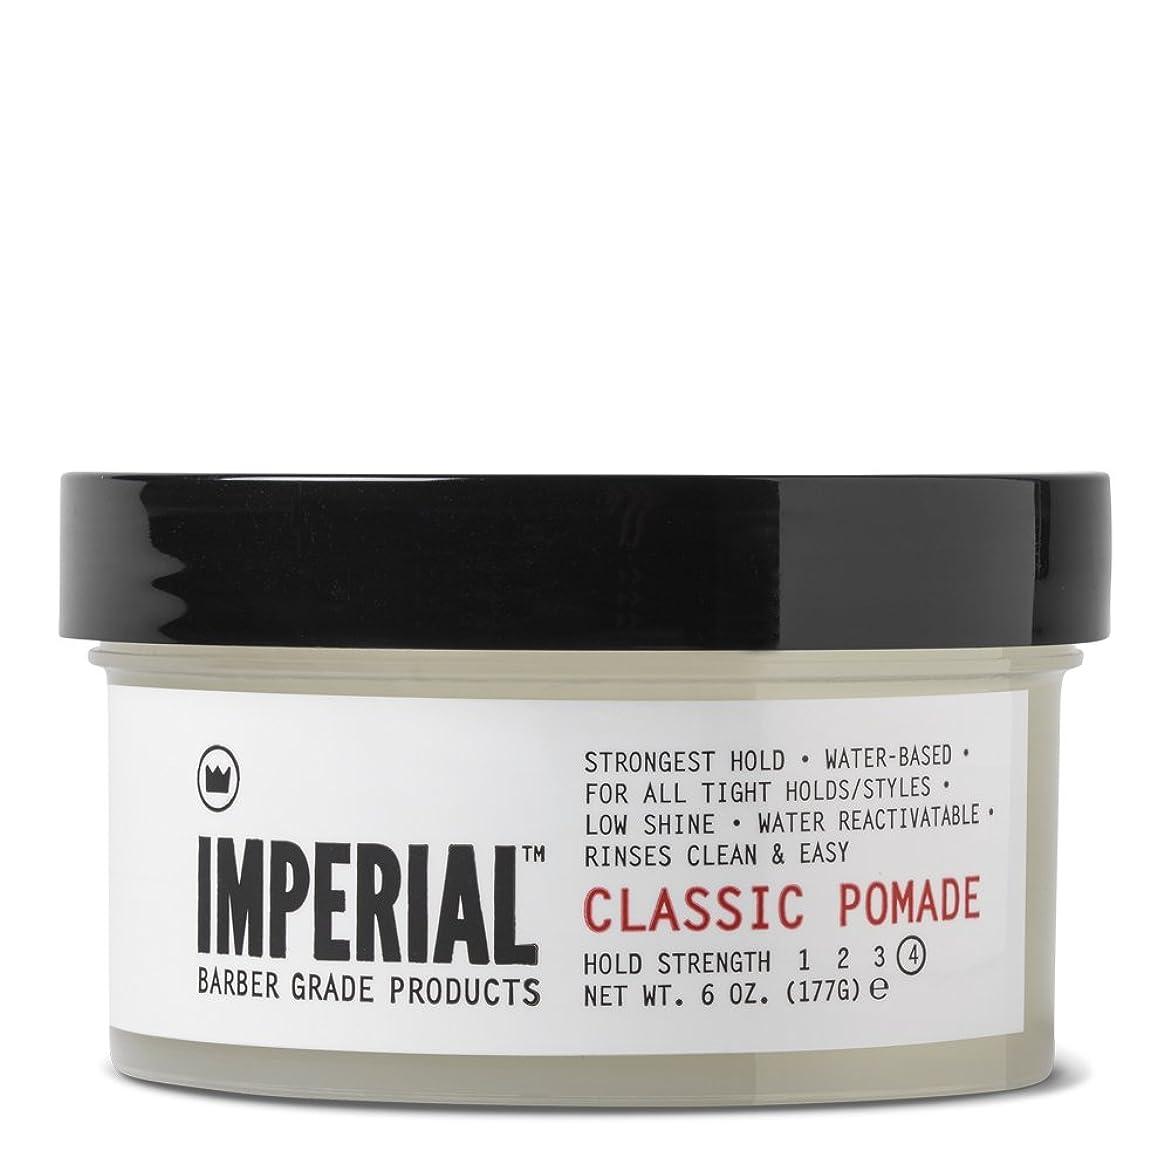 示すスパン郵便物Imperial Barber グレード製品クラシックポマード、6オズ。 72.0オンス